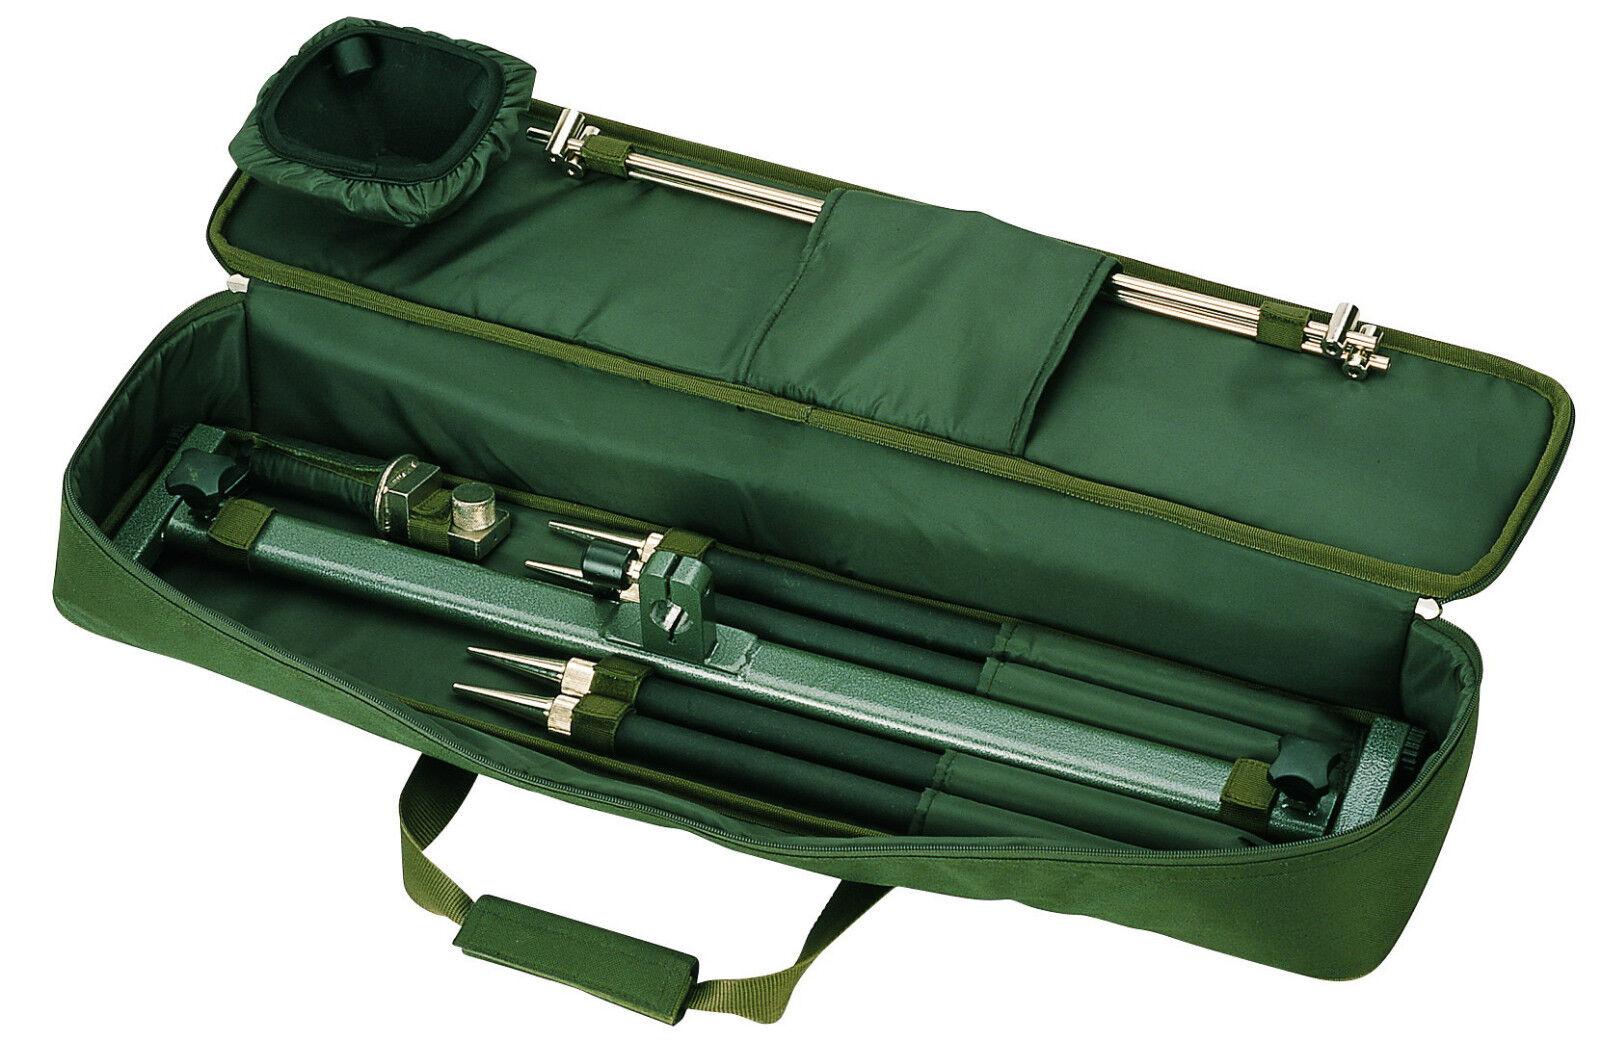 Behr Profi Aluminium Rod Pod 4-Bein für 4 Ruten mit Tasche Rutenhalter  9101212.